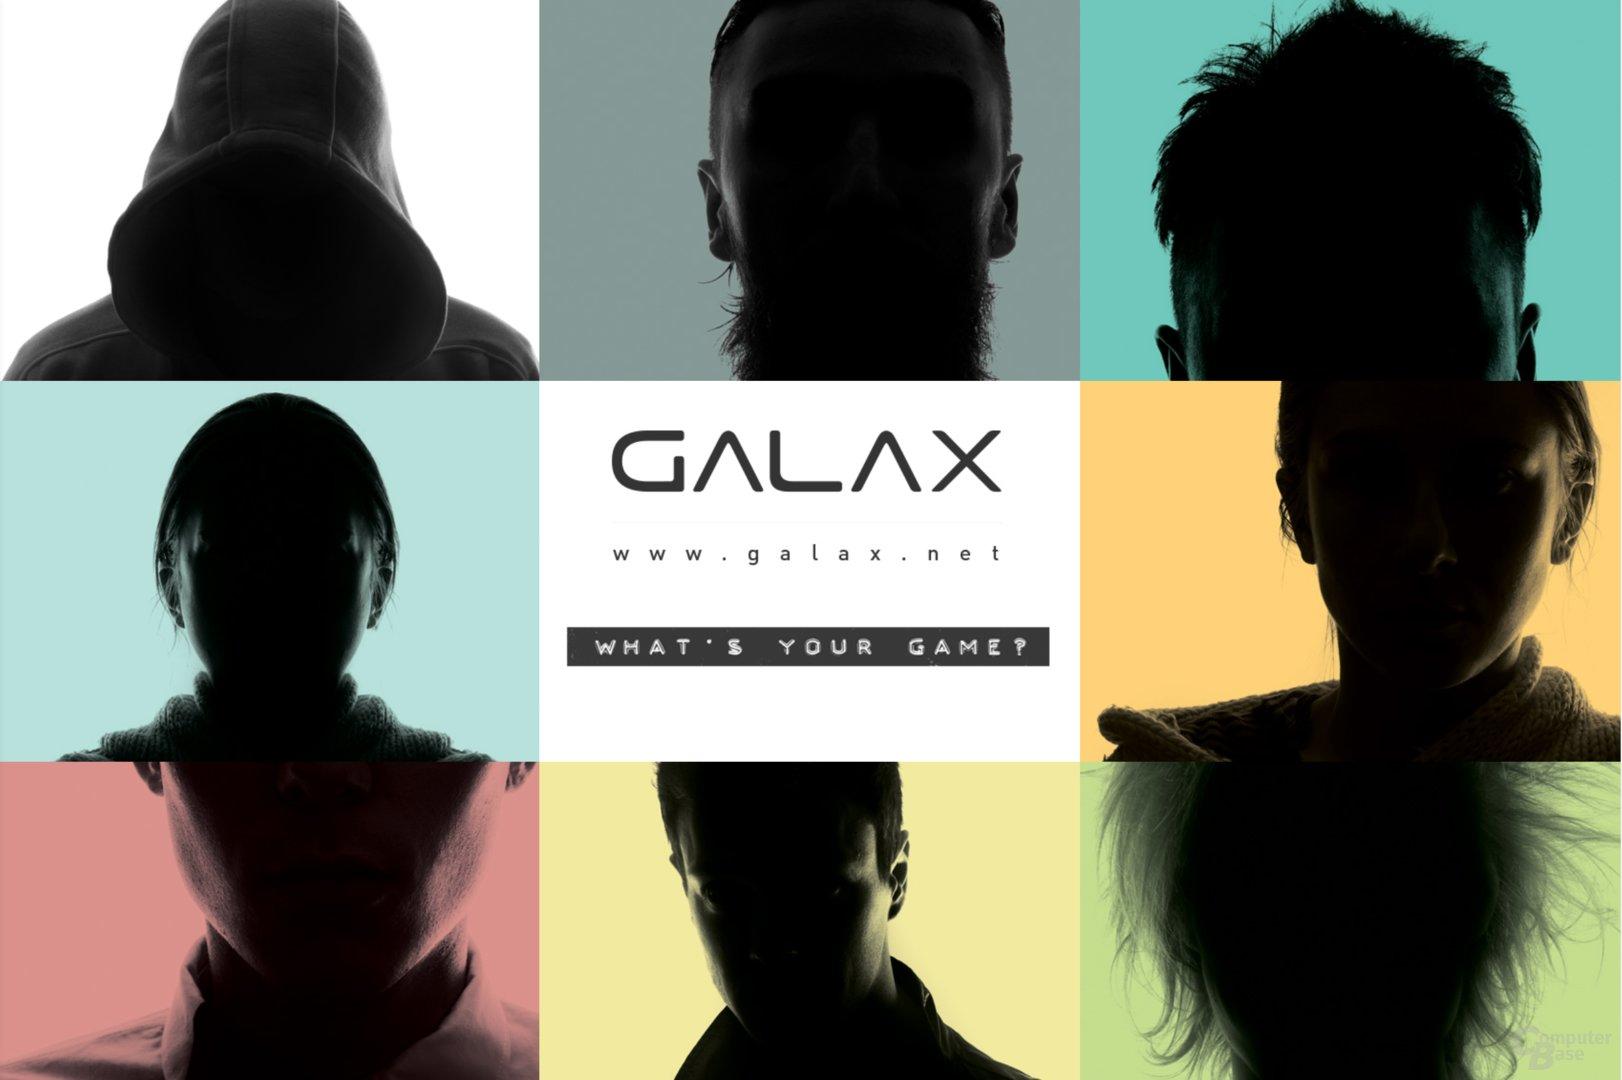 Galax.net ist bereits erreichbar, Inhaber ist Galaxy Microsystems